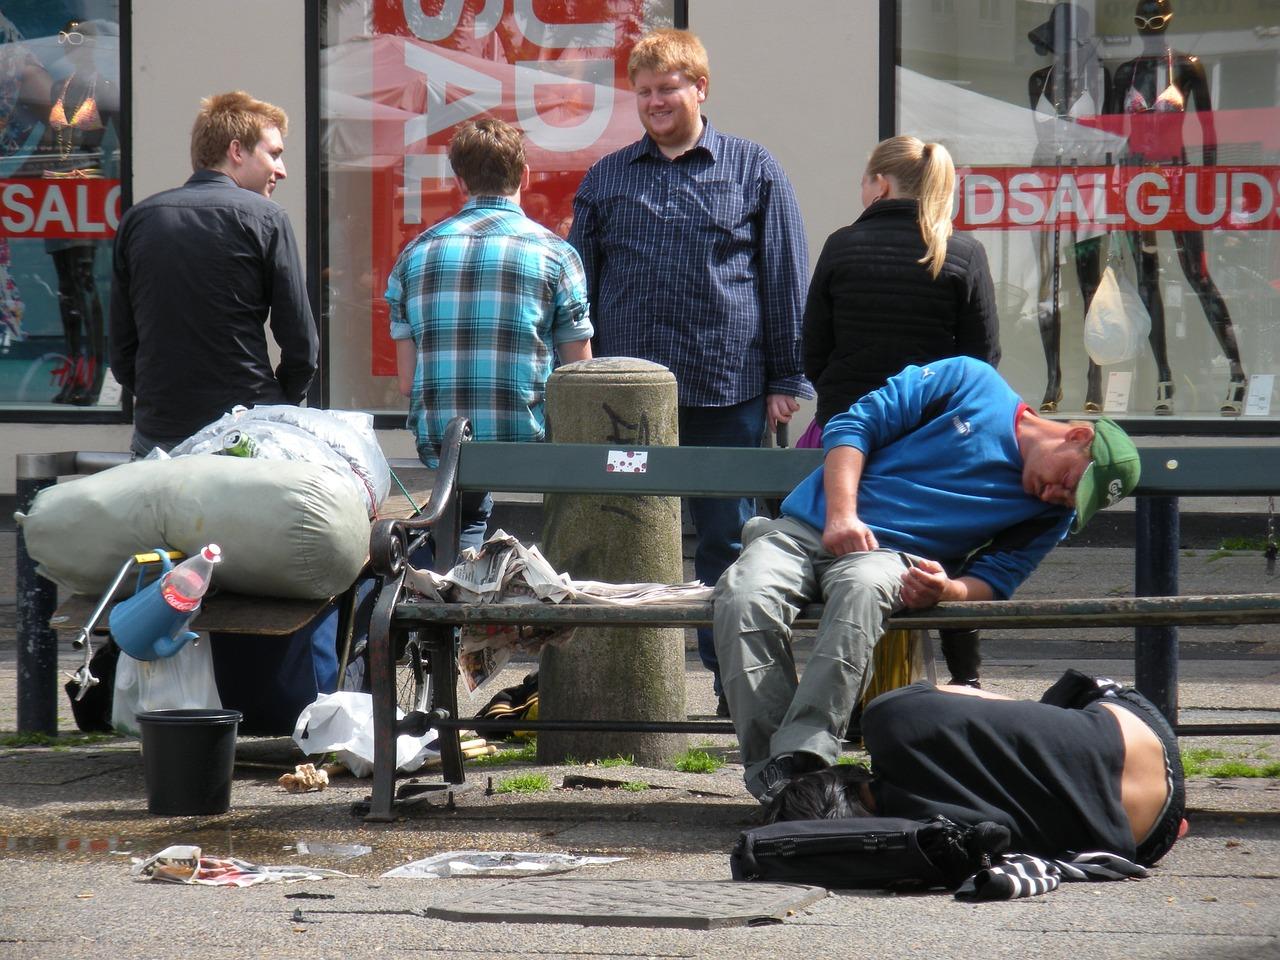 FOKUS PÅ VÆRDIGE FORHOLD FOR HJEMLØSE I FREDERICIA